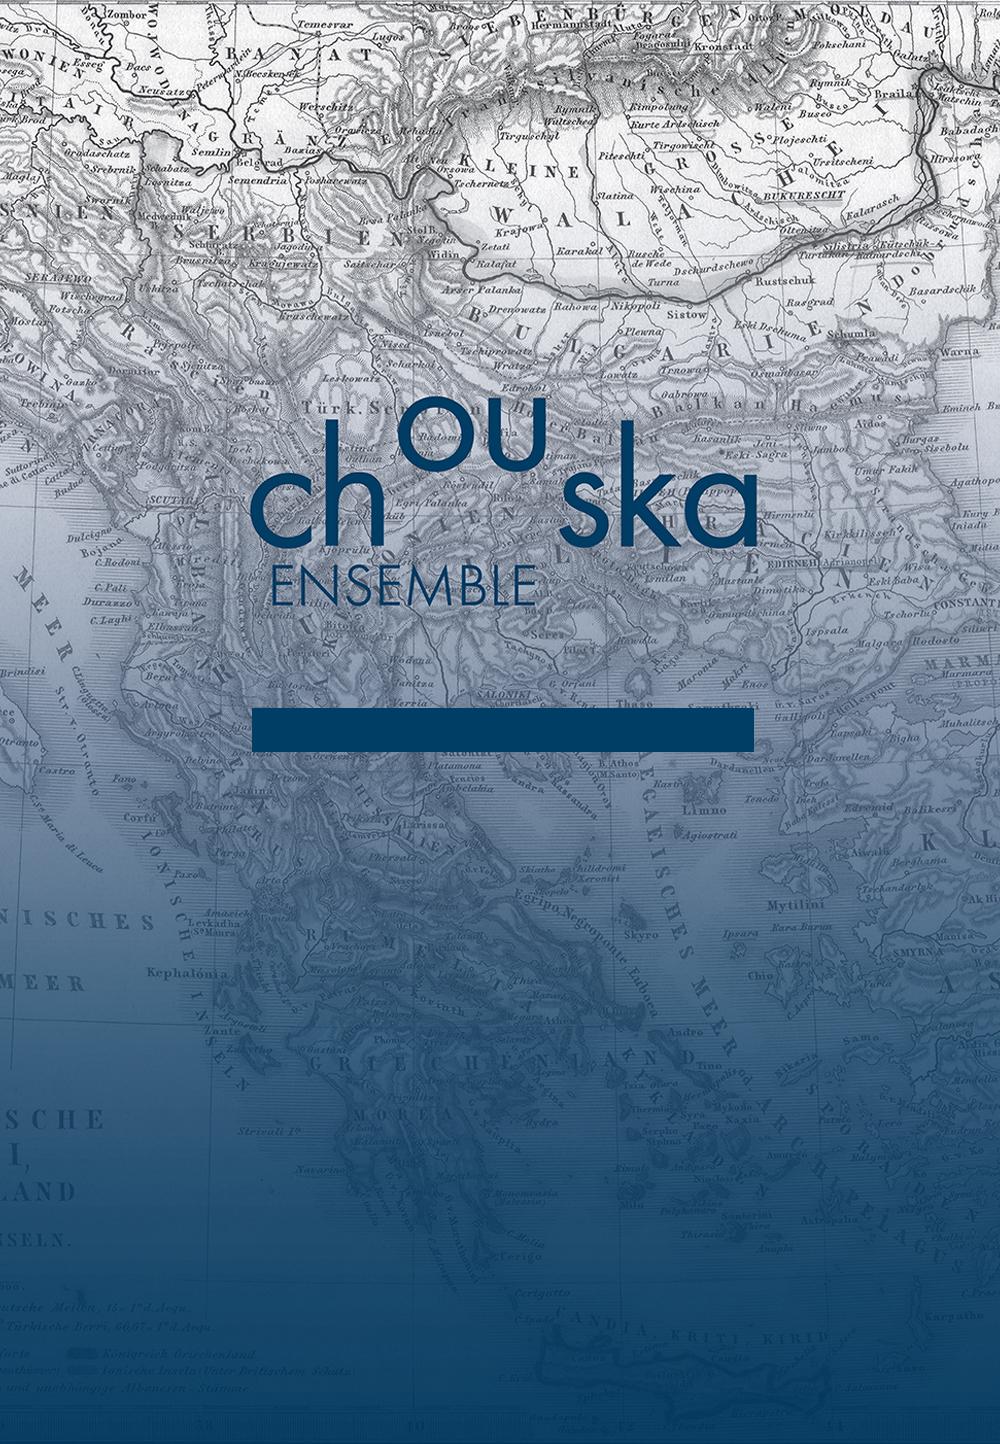 chouskaensemle_low